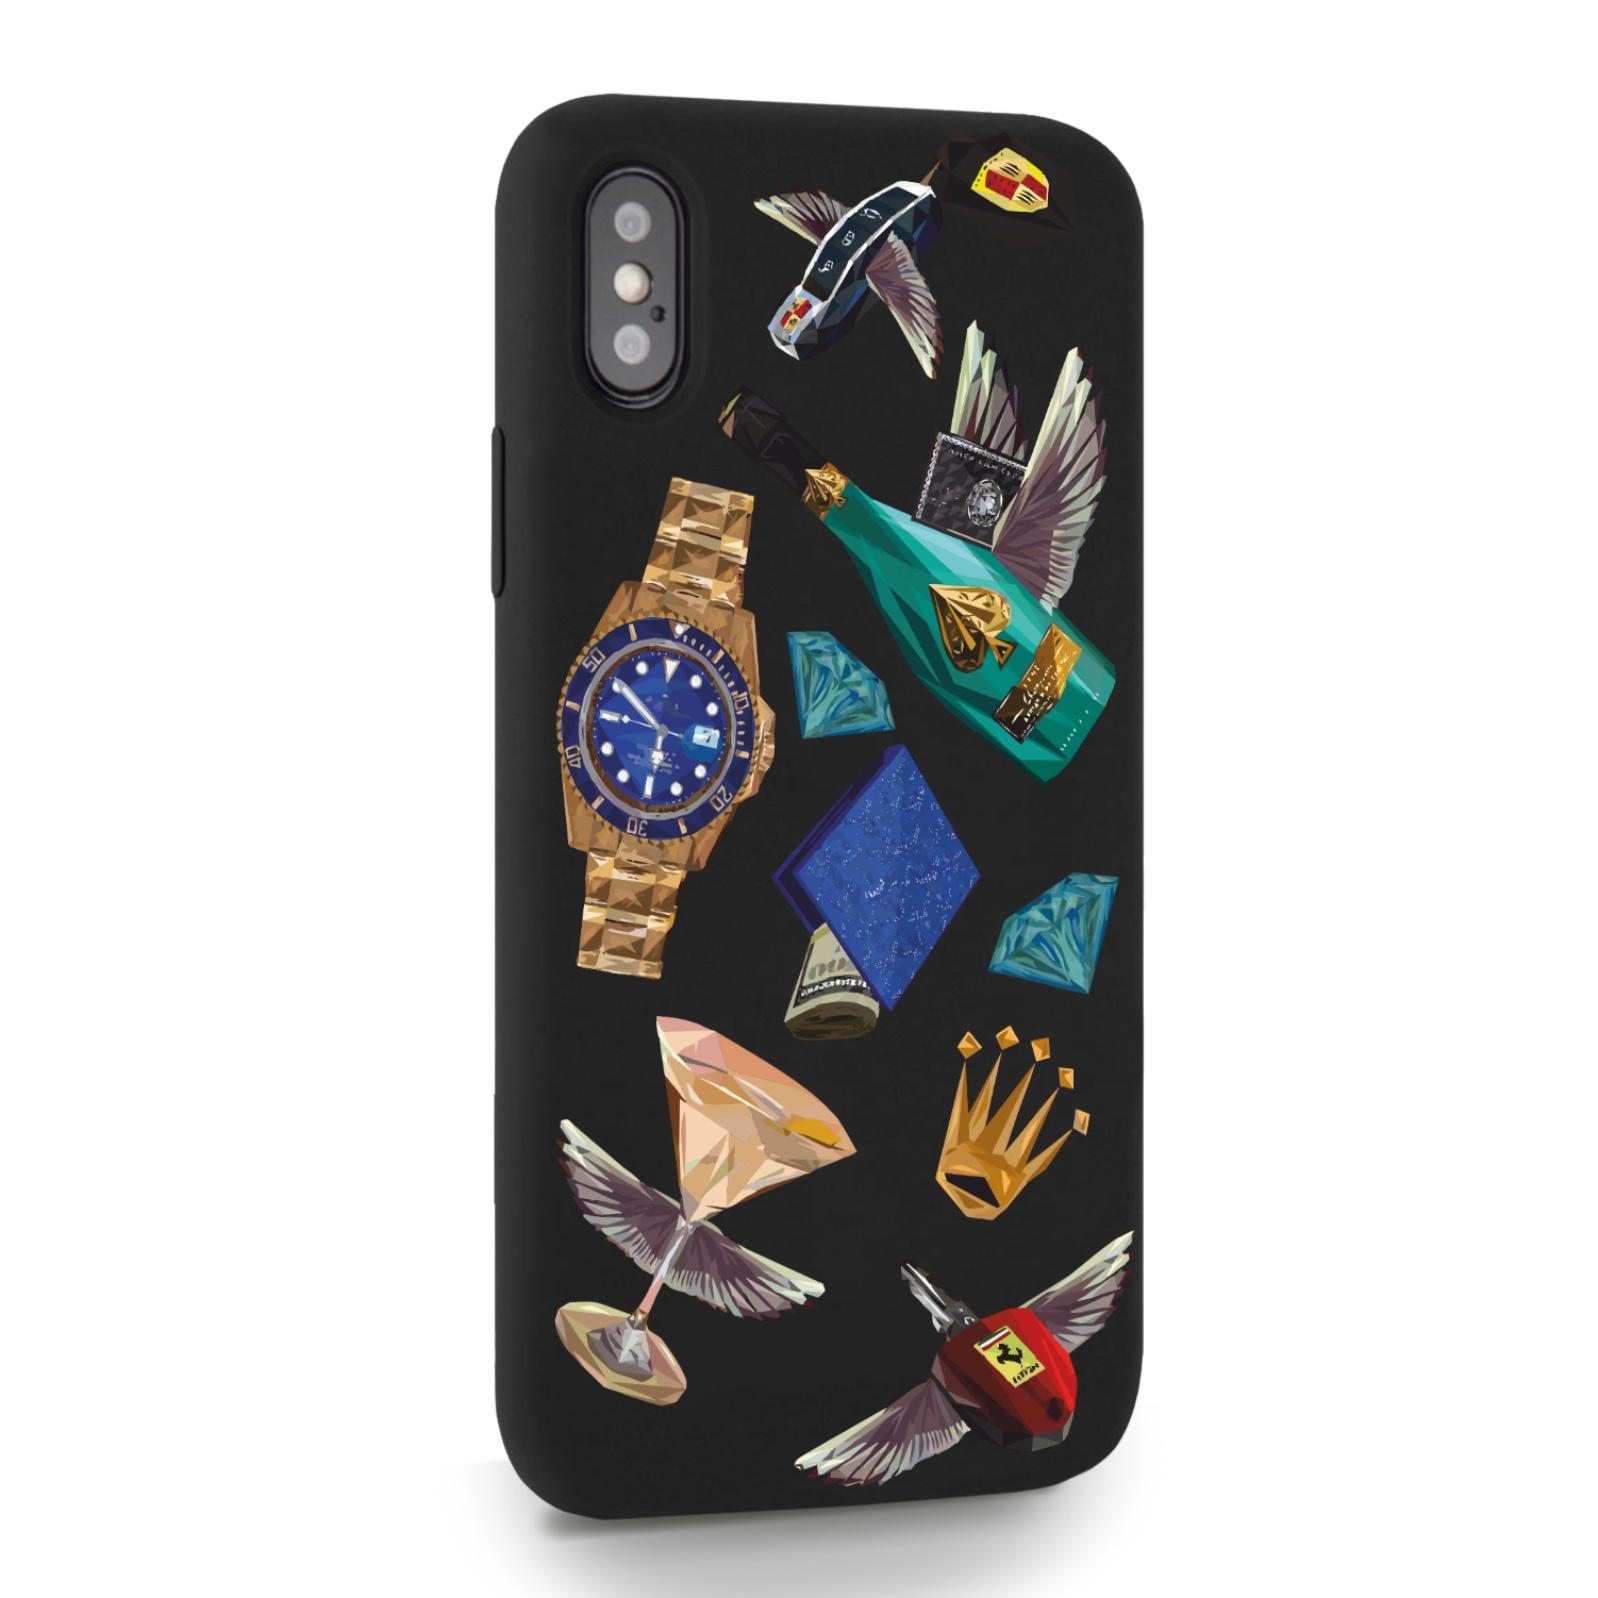 Черный силиконовый чехол для iPhone X/XS Luxury lifestyle для Айфон 10/10C